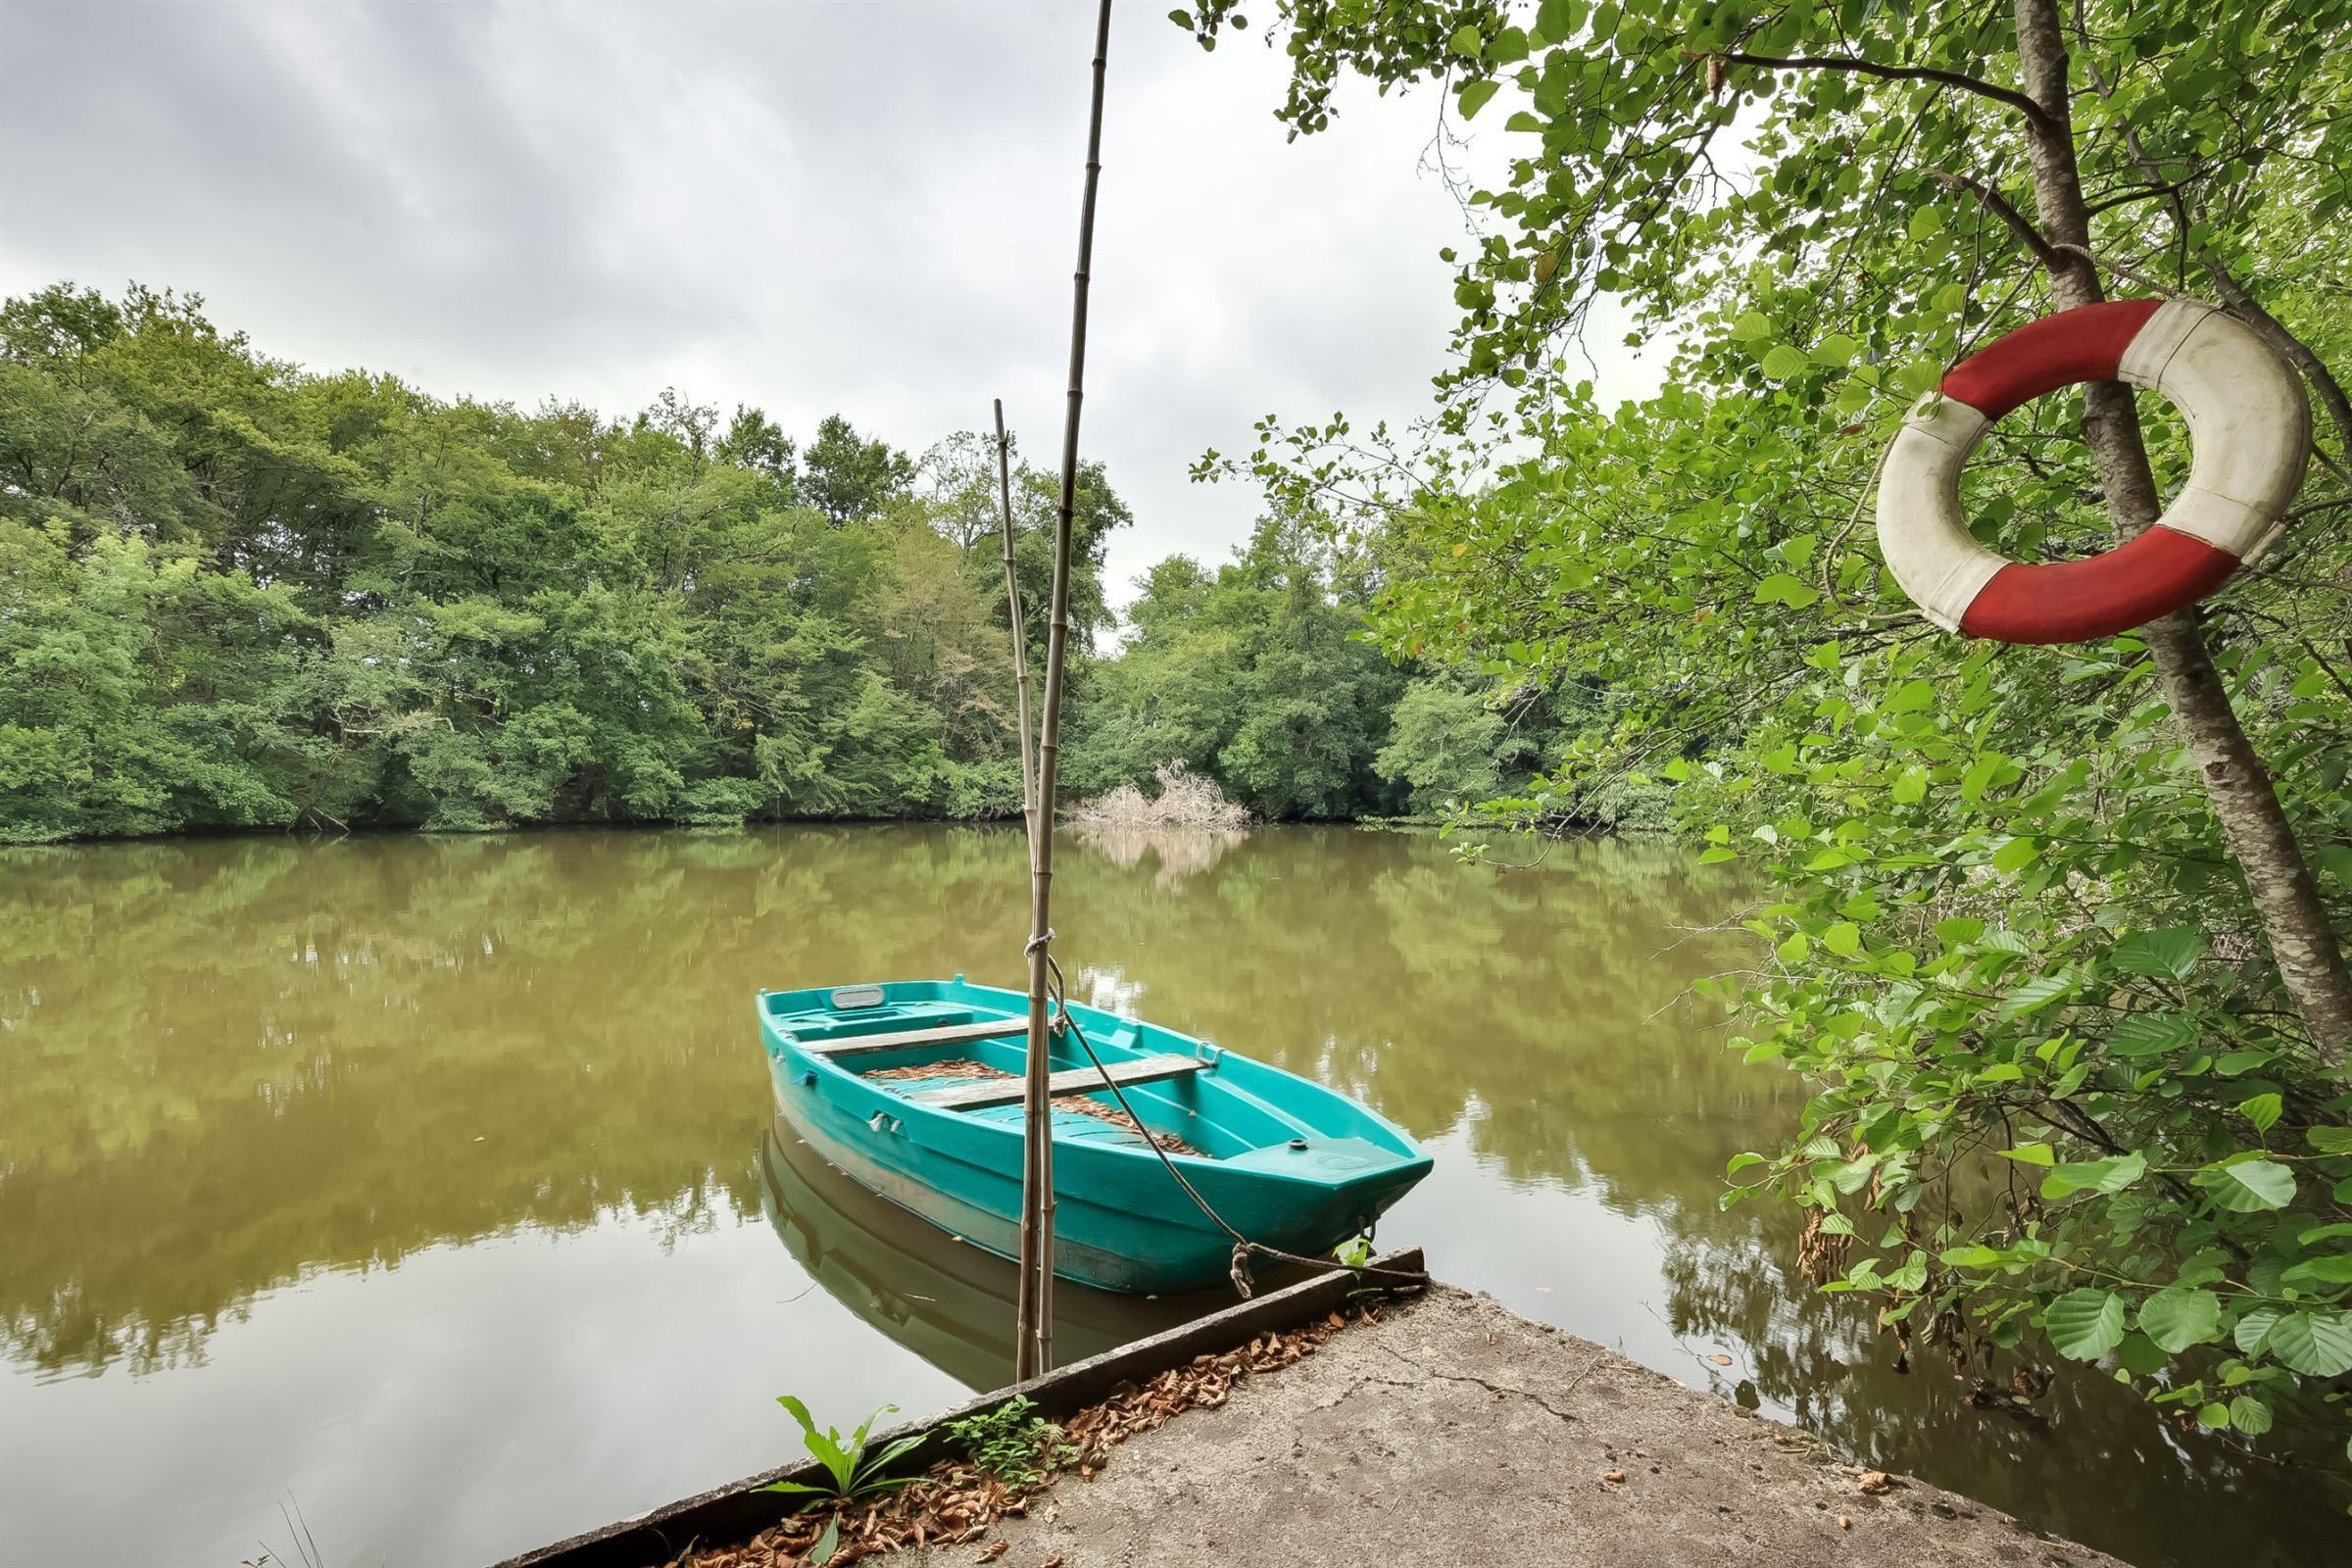 단독 가정 주택 용 매매 에 BORDEAUX 30MN - UNIQUE 10 HA PROPERTY WITH 2 PRIVATE LAKES Bordeaux, 아키텐주, 33000 프랑스